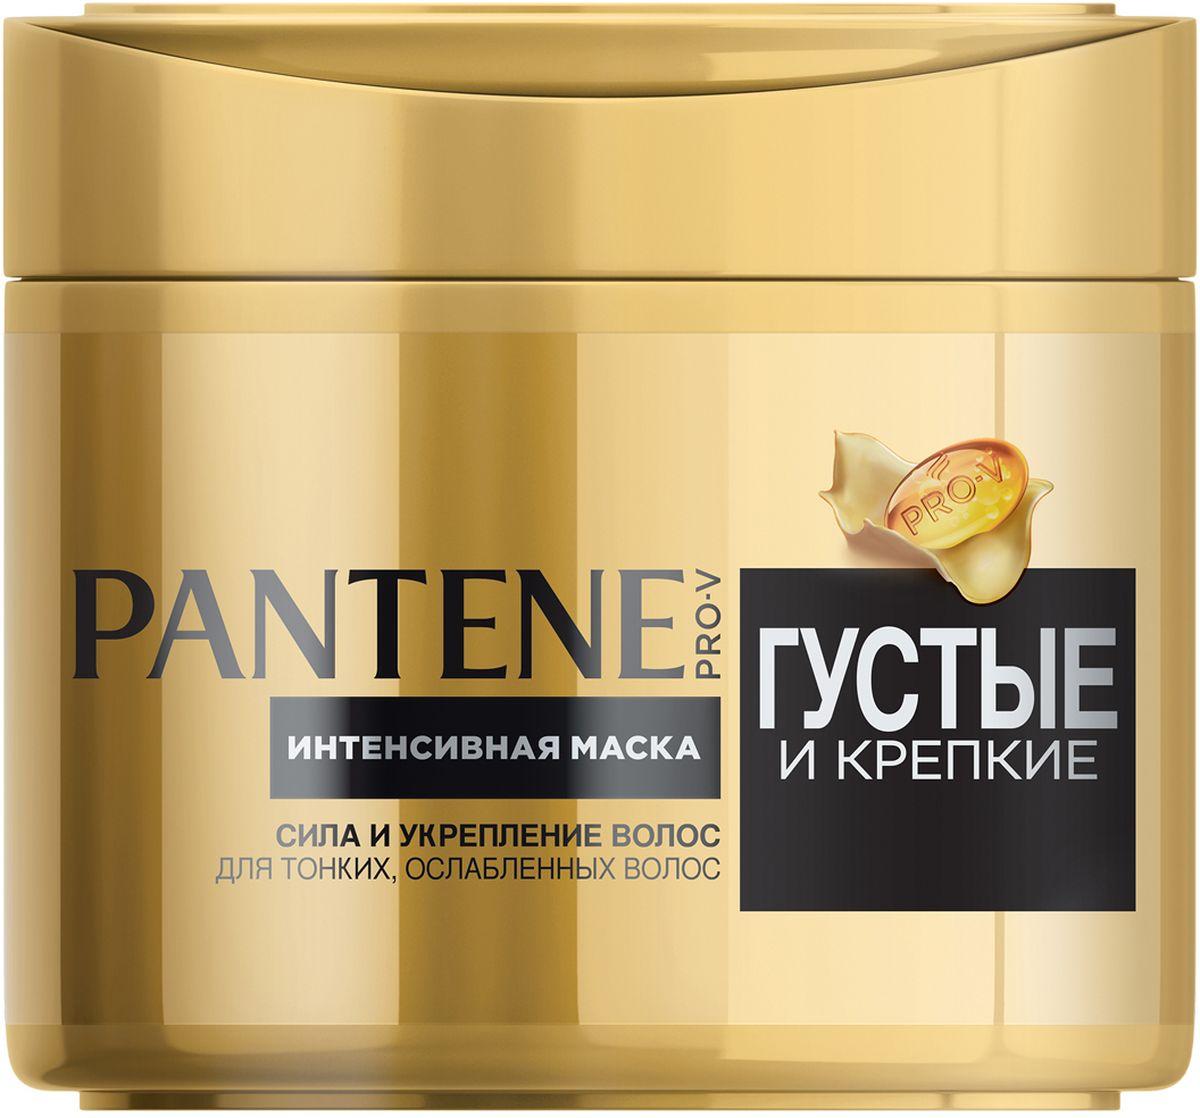 Pantene Pro-V Маска Густые и крепкие, 300 мл8001090377371Наше насыщенное средство для интенсивной защиты помогает реструктурировать поверхность волоса, делая волосы более гладкими.